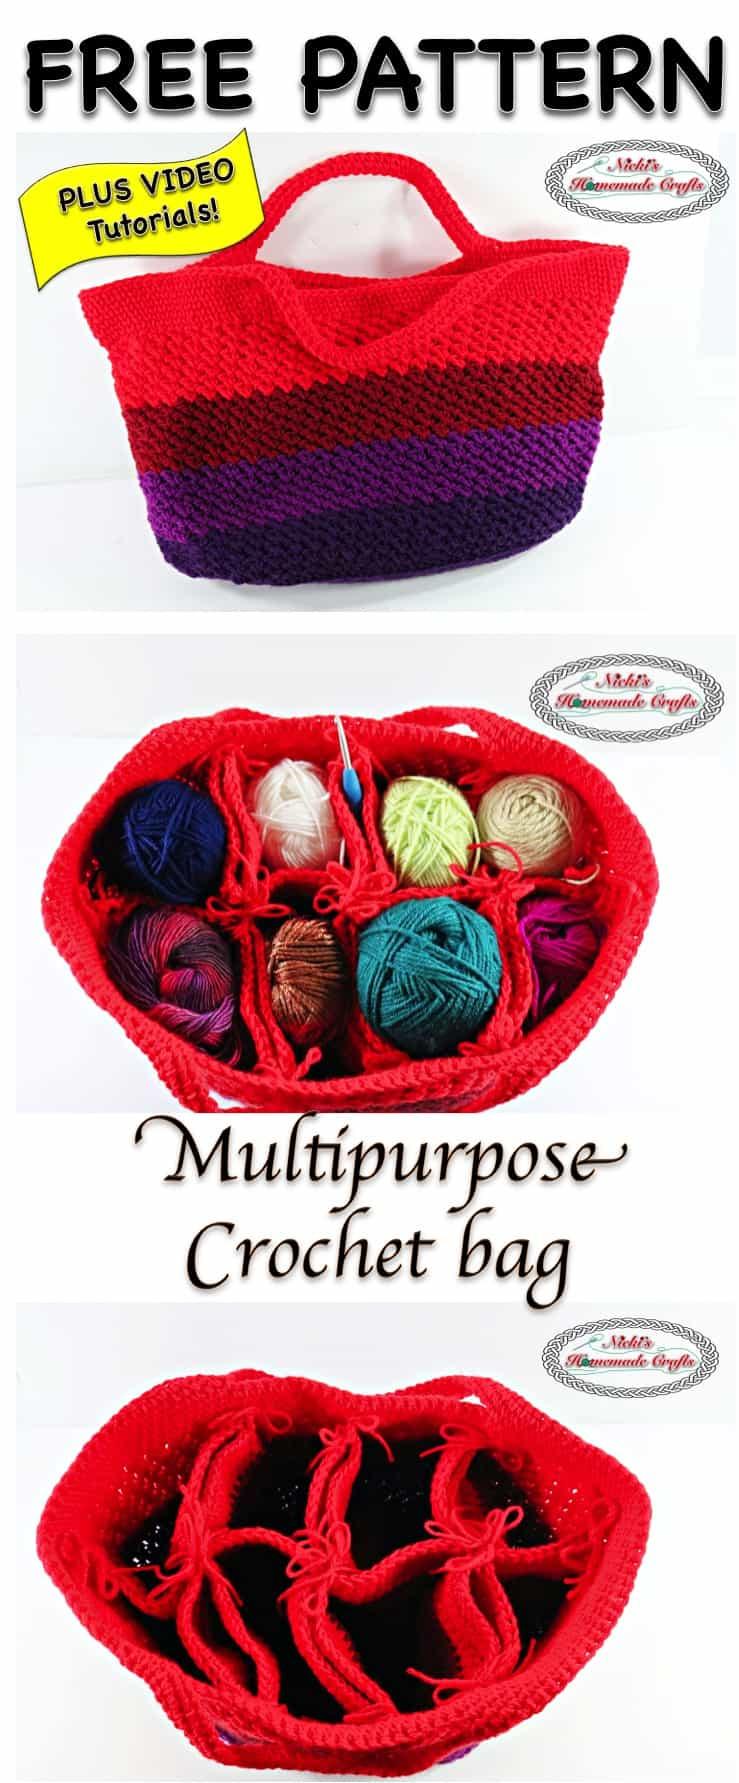 Multipurpose Crochet Bag - Free Crochet Pattern